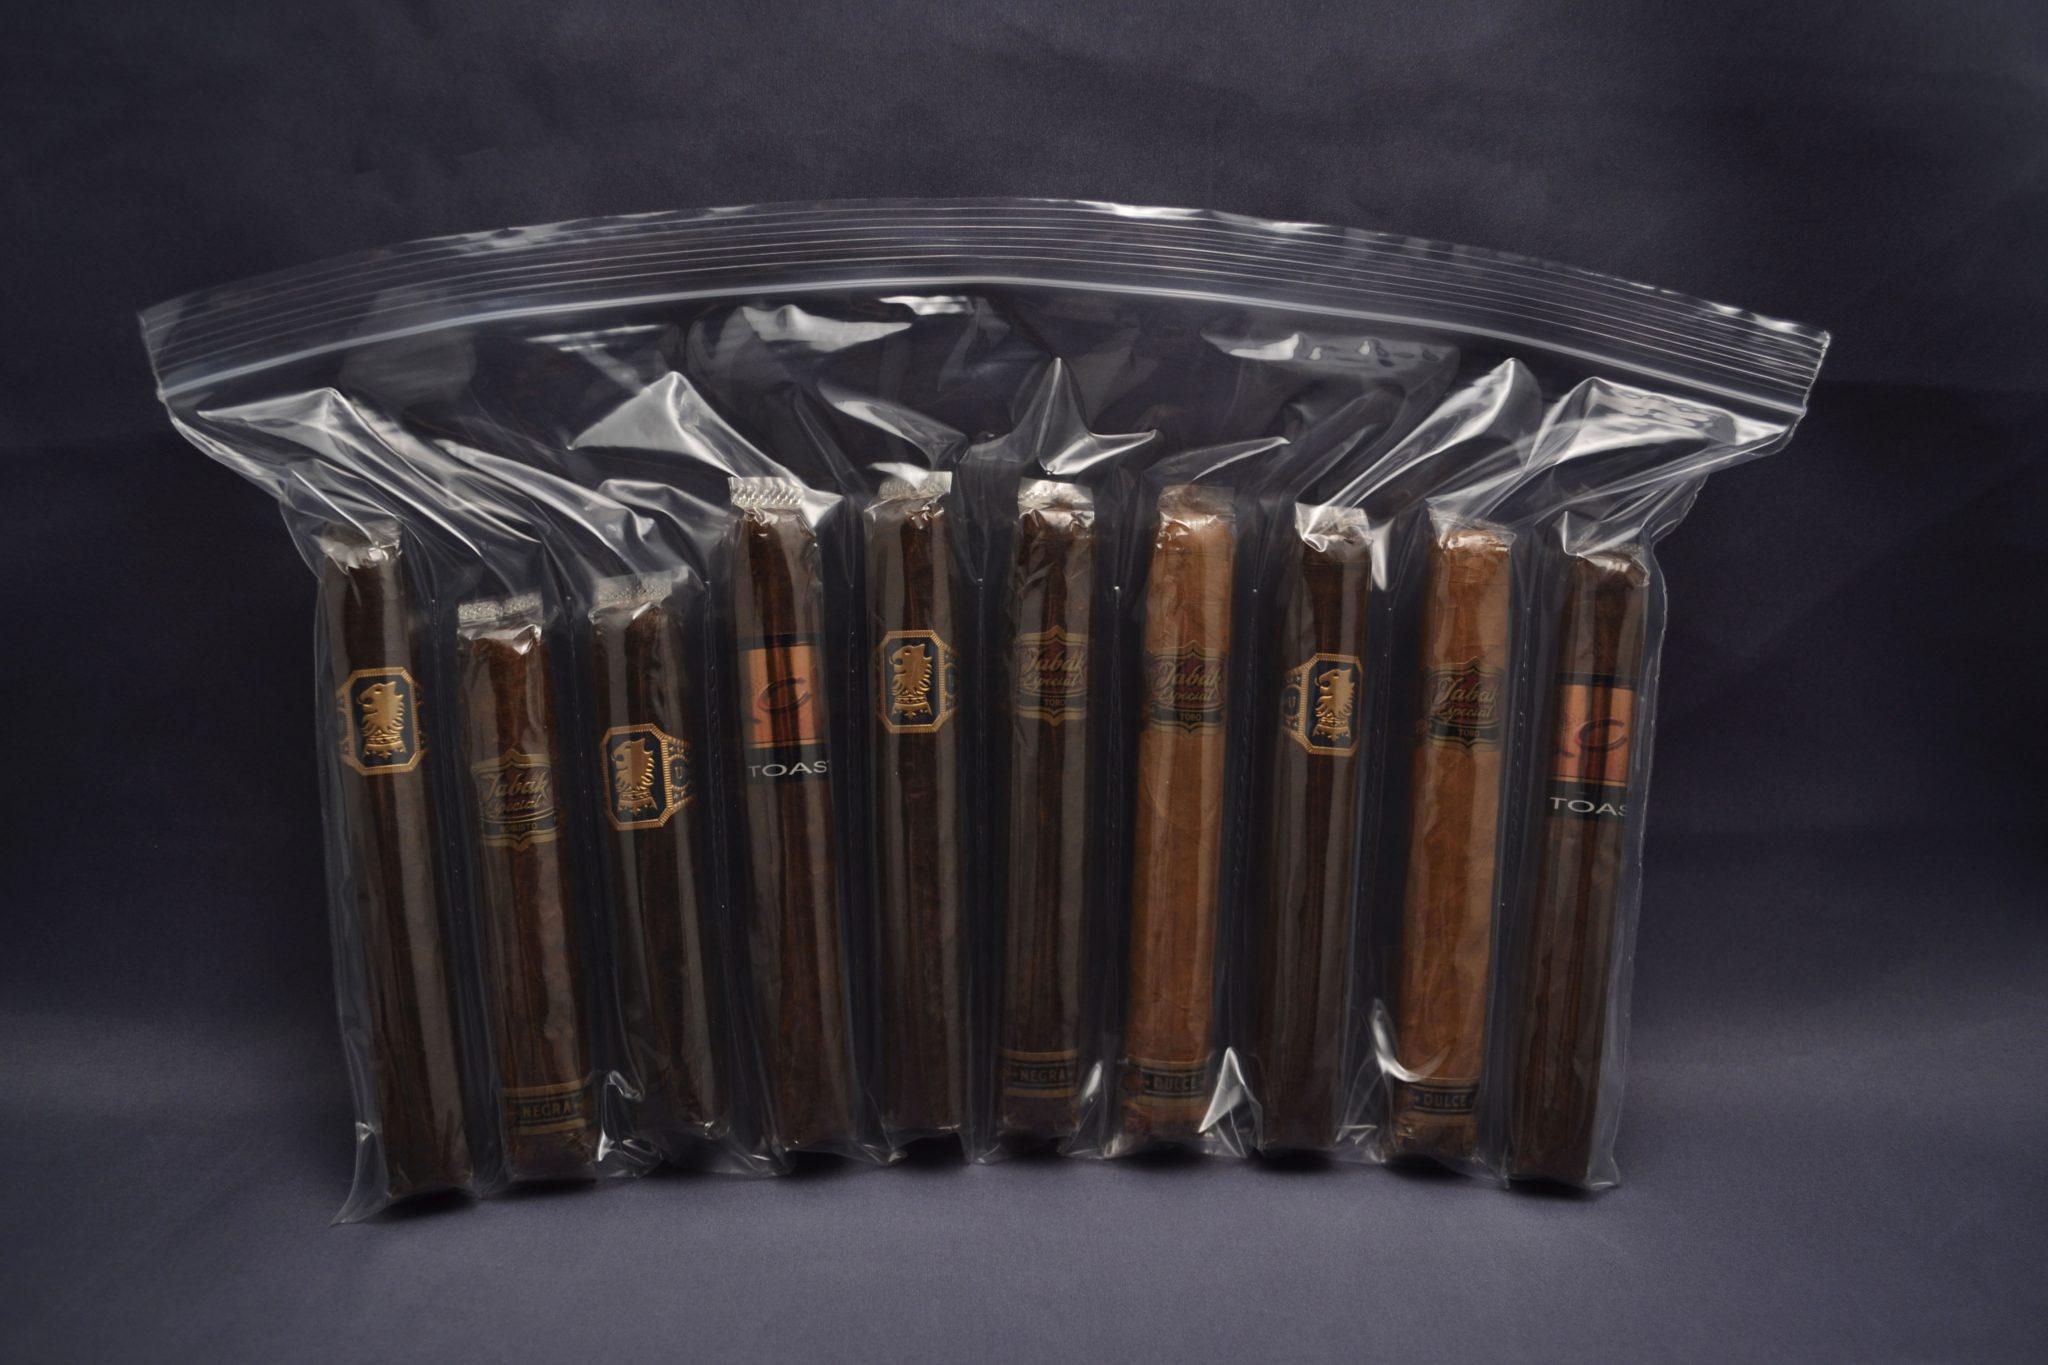 10 Compartment Zipper Lock Cigar Bag 2 MIL (case of 1000)